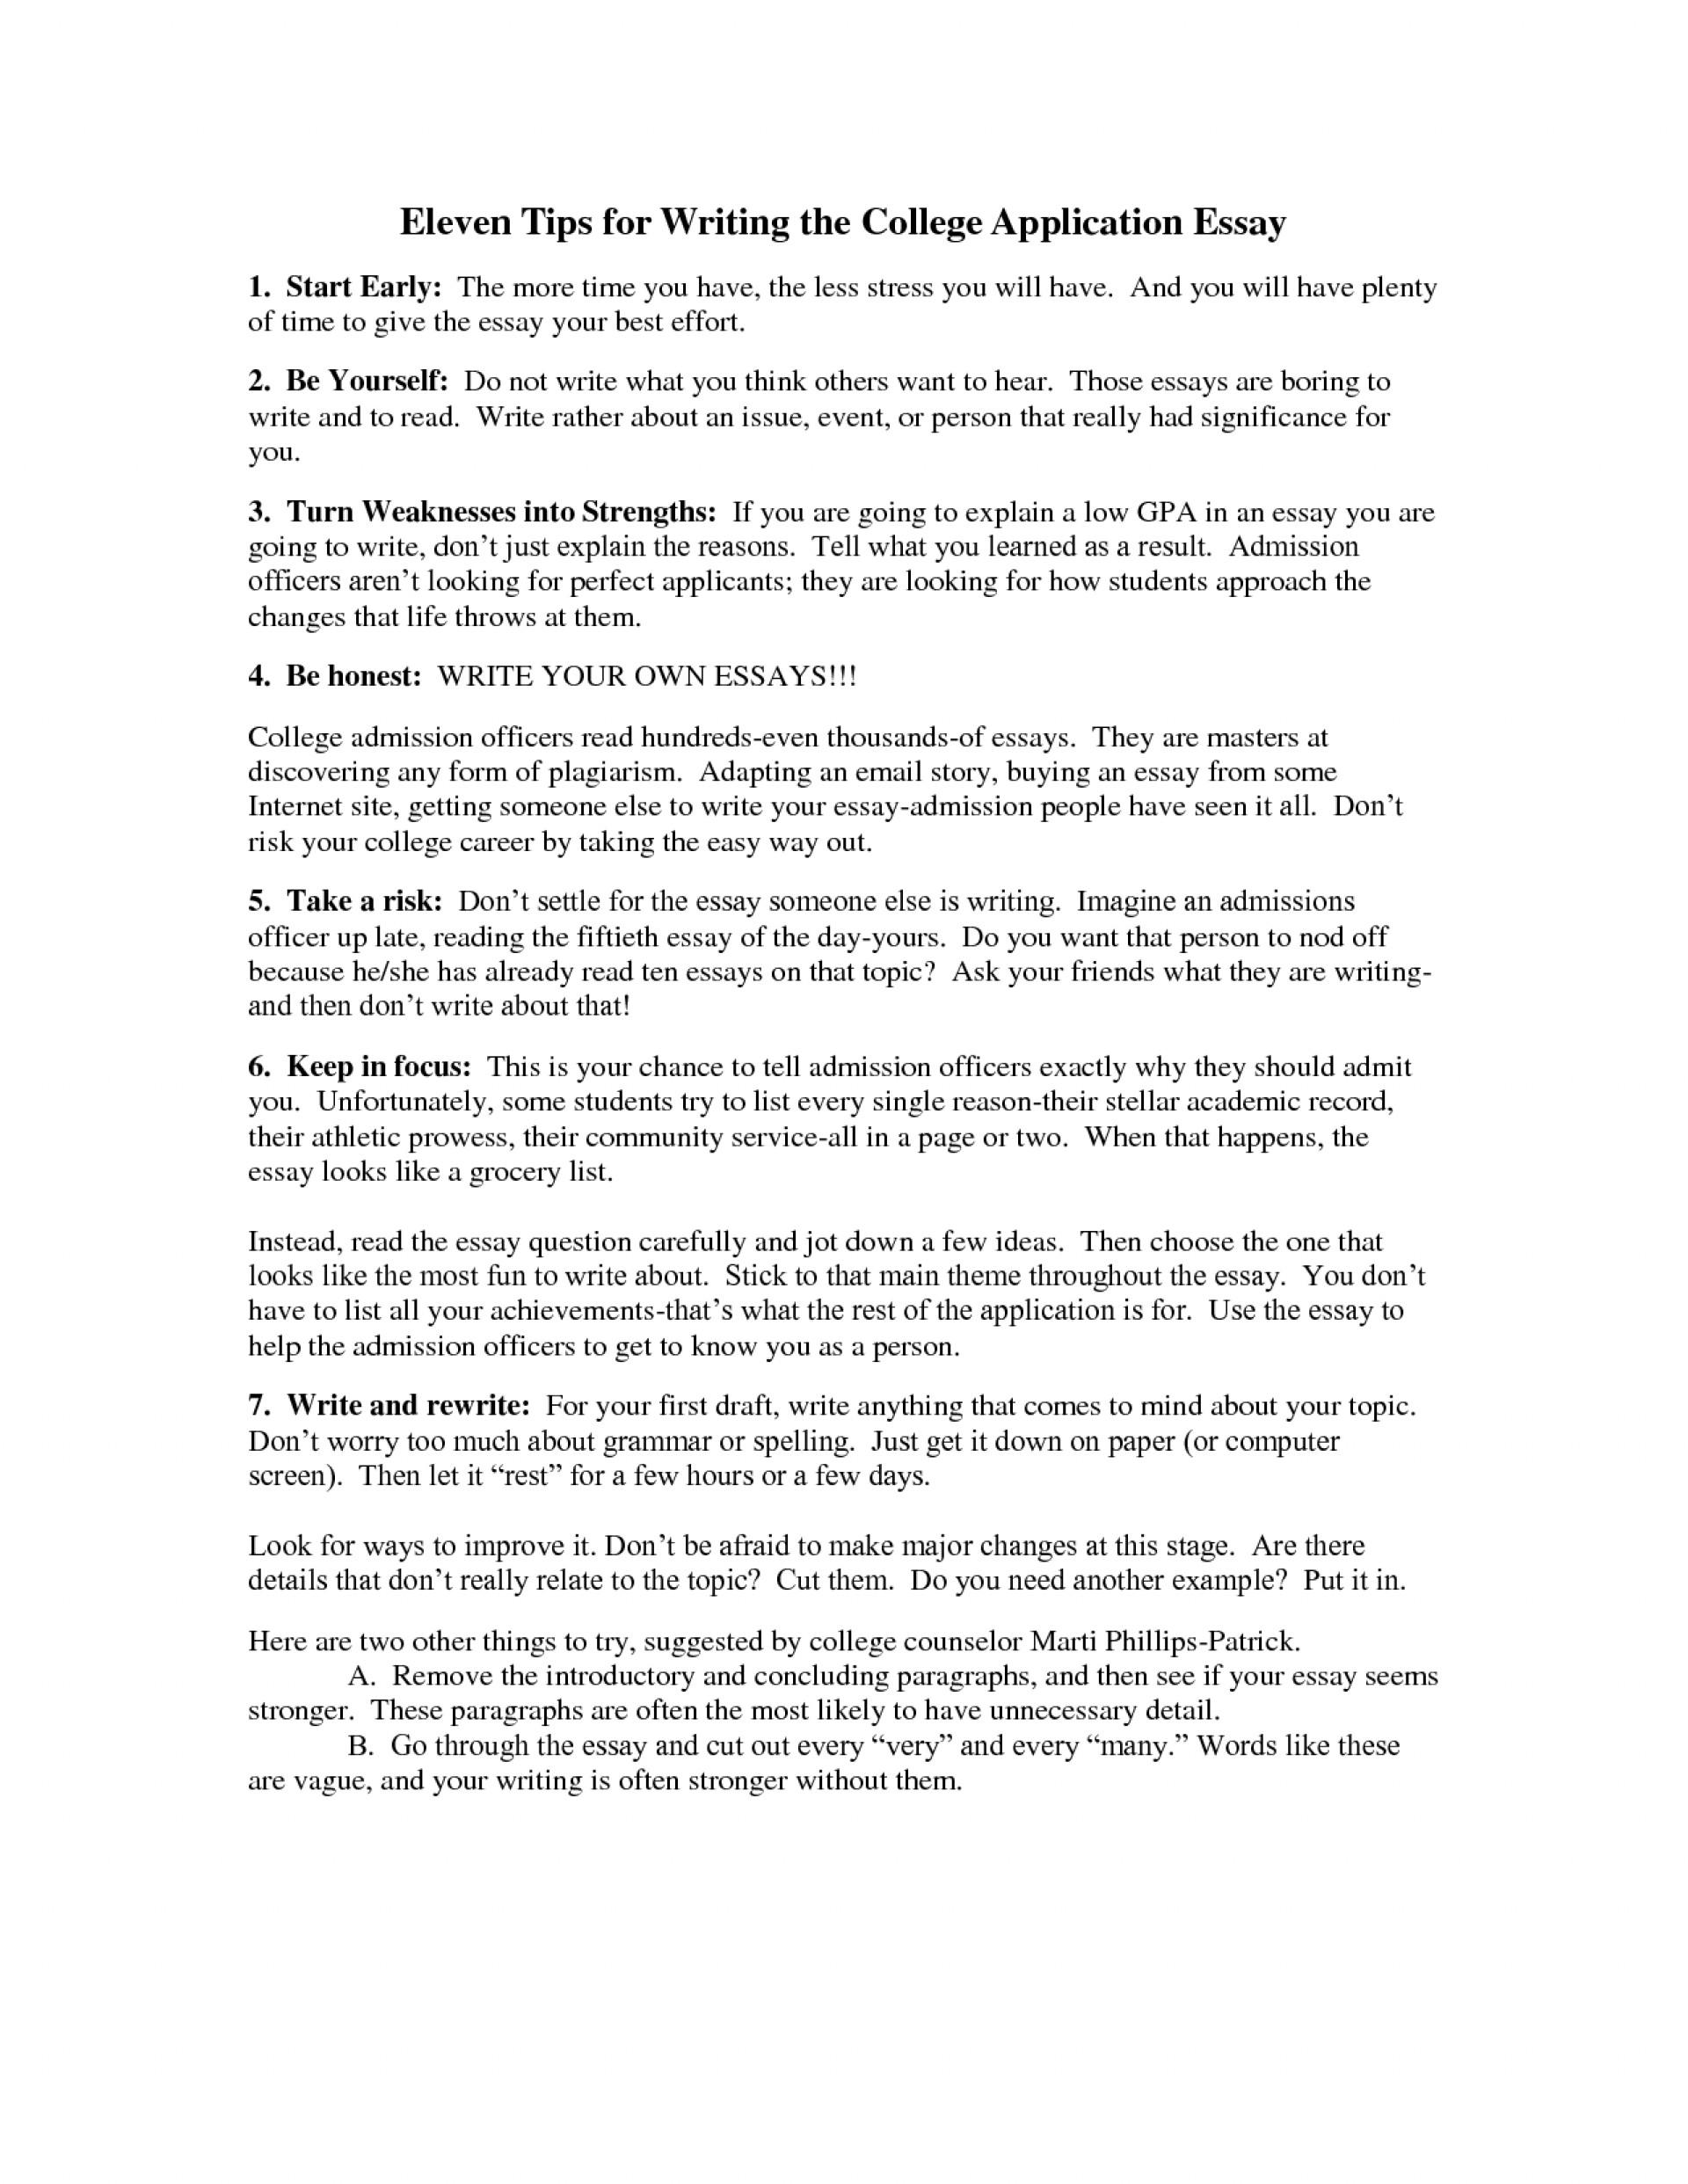 Essay articles confederation vs constitution